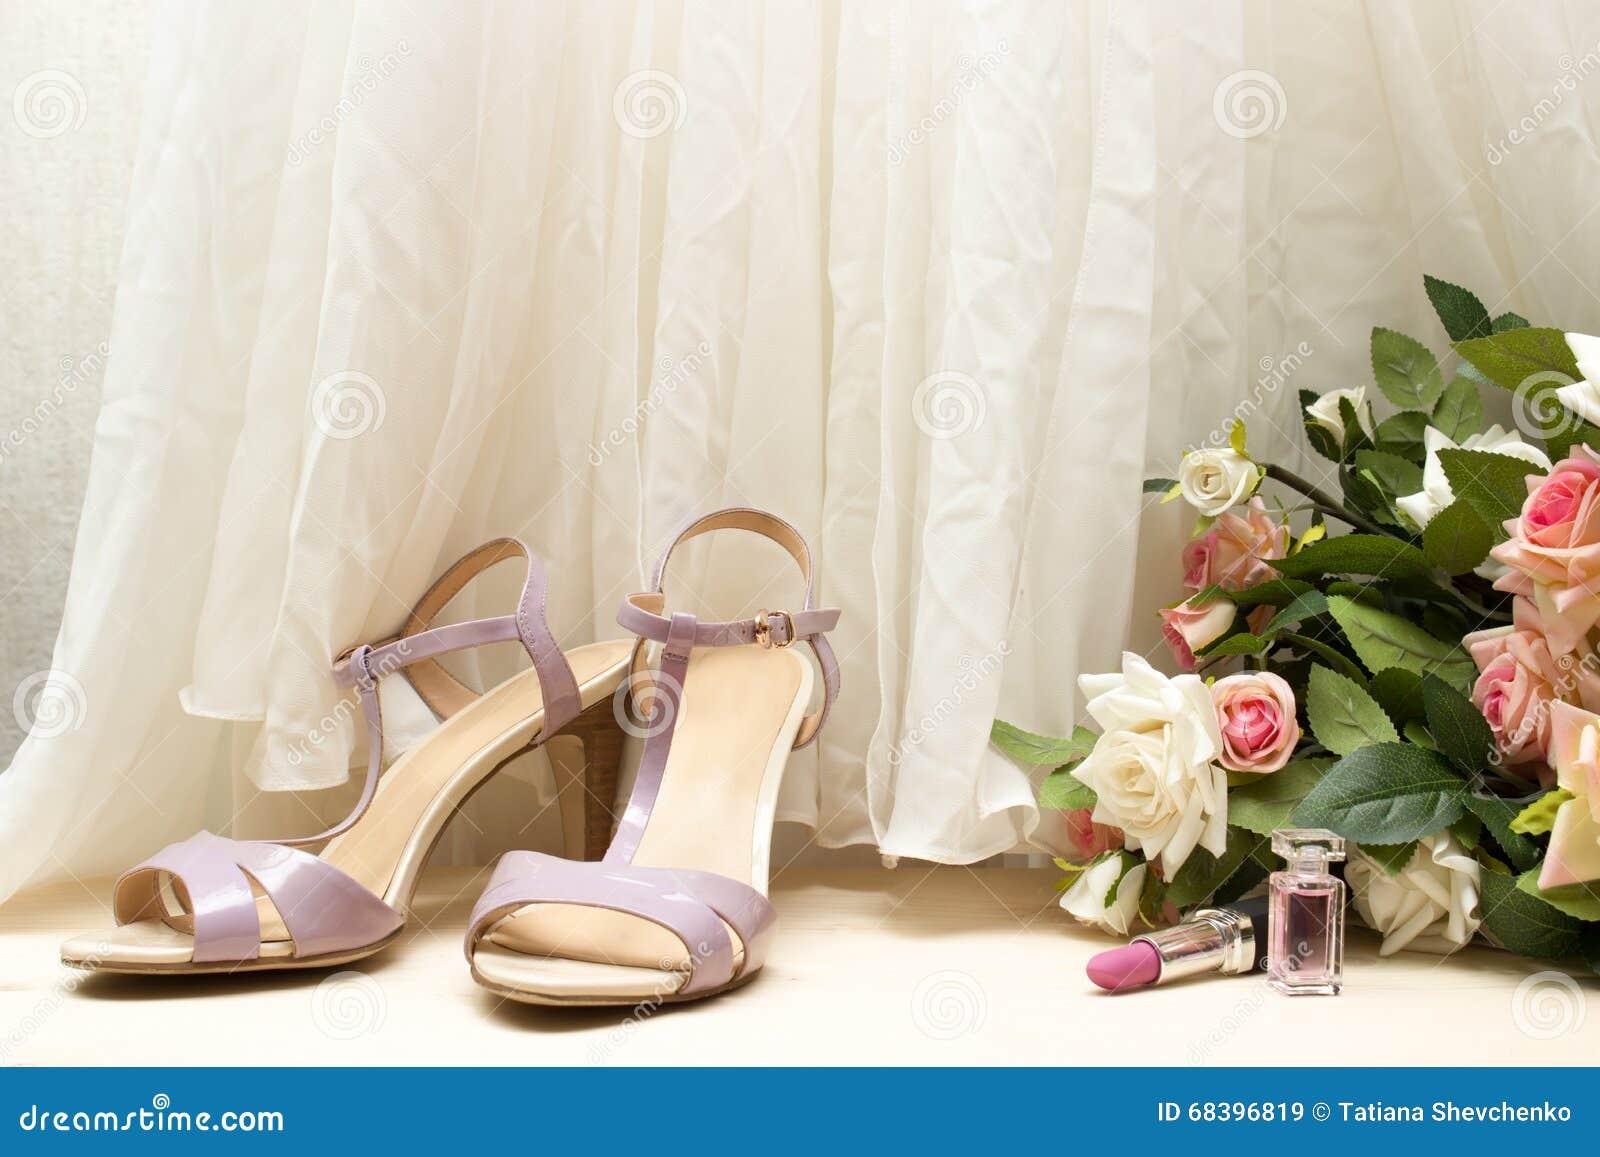 Bouquet Le De Sur MariageChaussures Rose Plancher Et Accessoires wk8OPn0